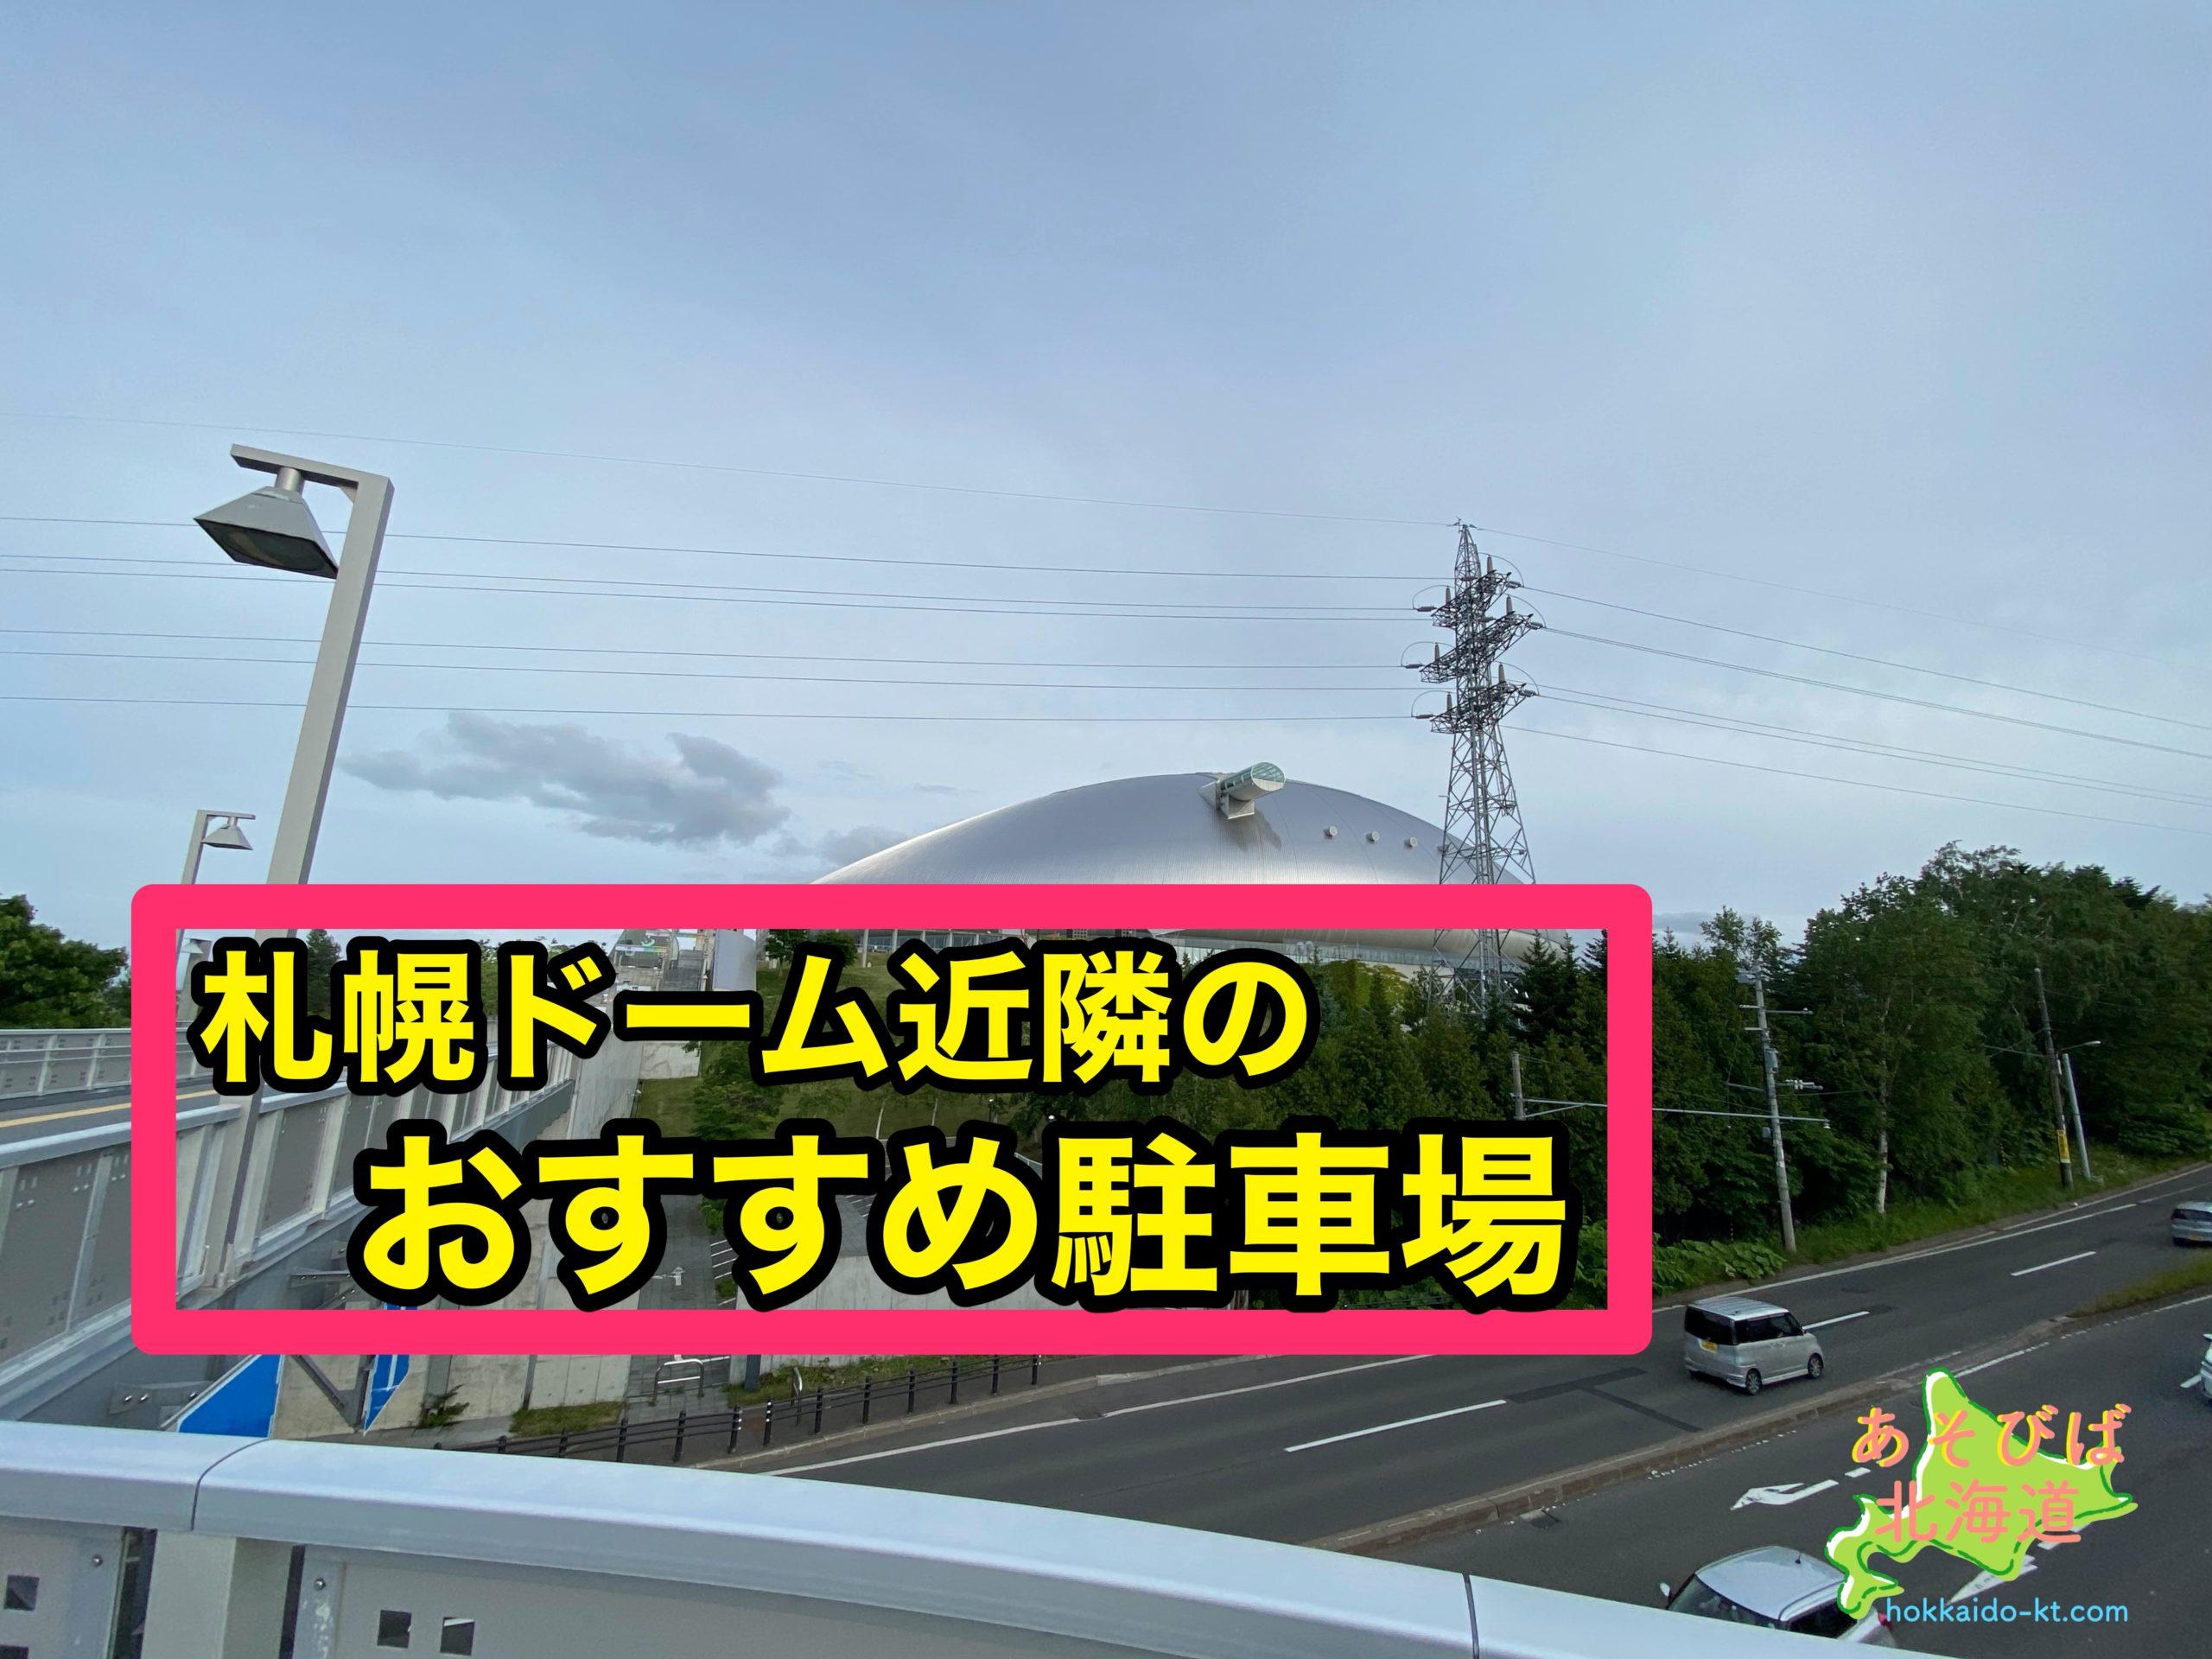 札幌ドーム近隣のおすすめ駐車場を紹介